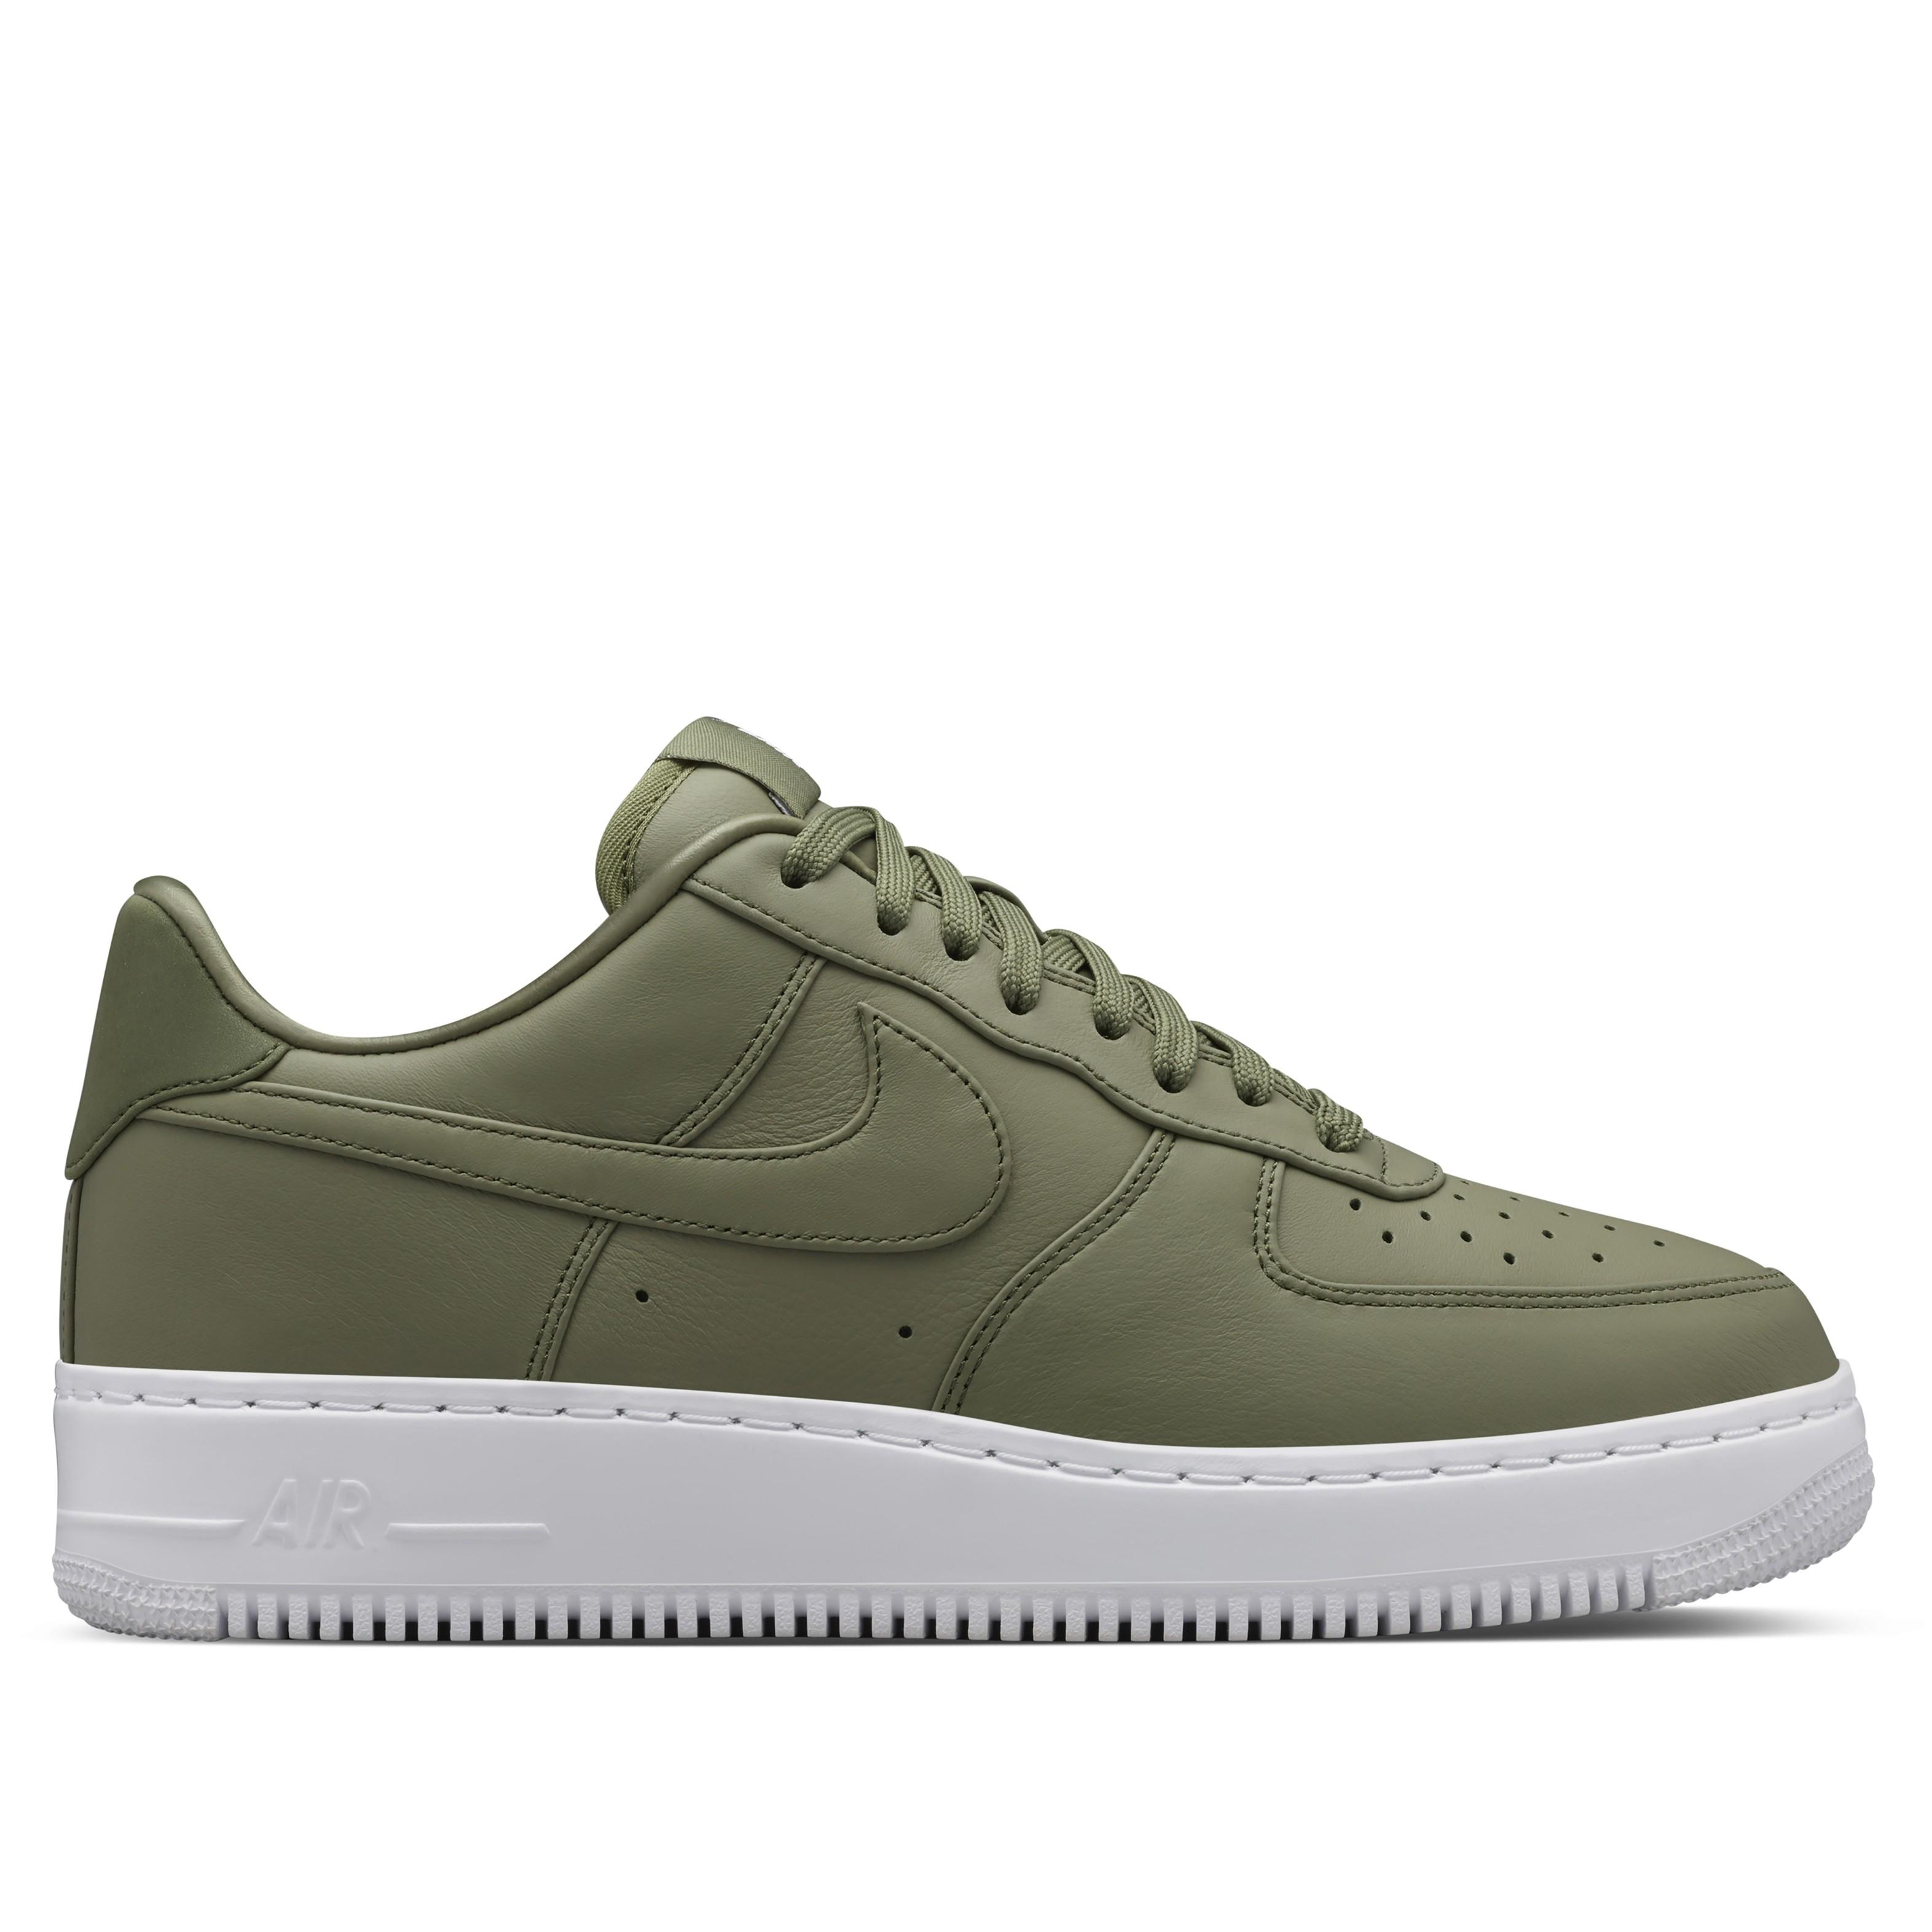 NikeLab Air Force 1 Low (Urban Haze)